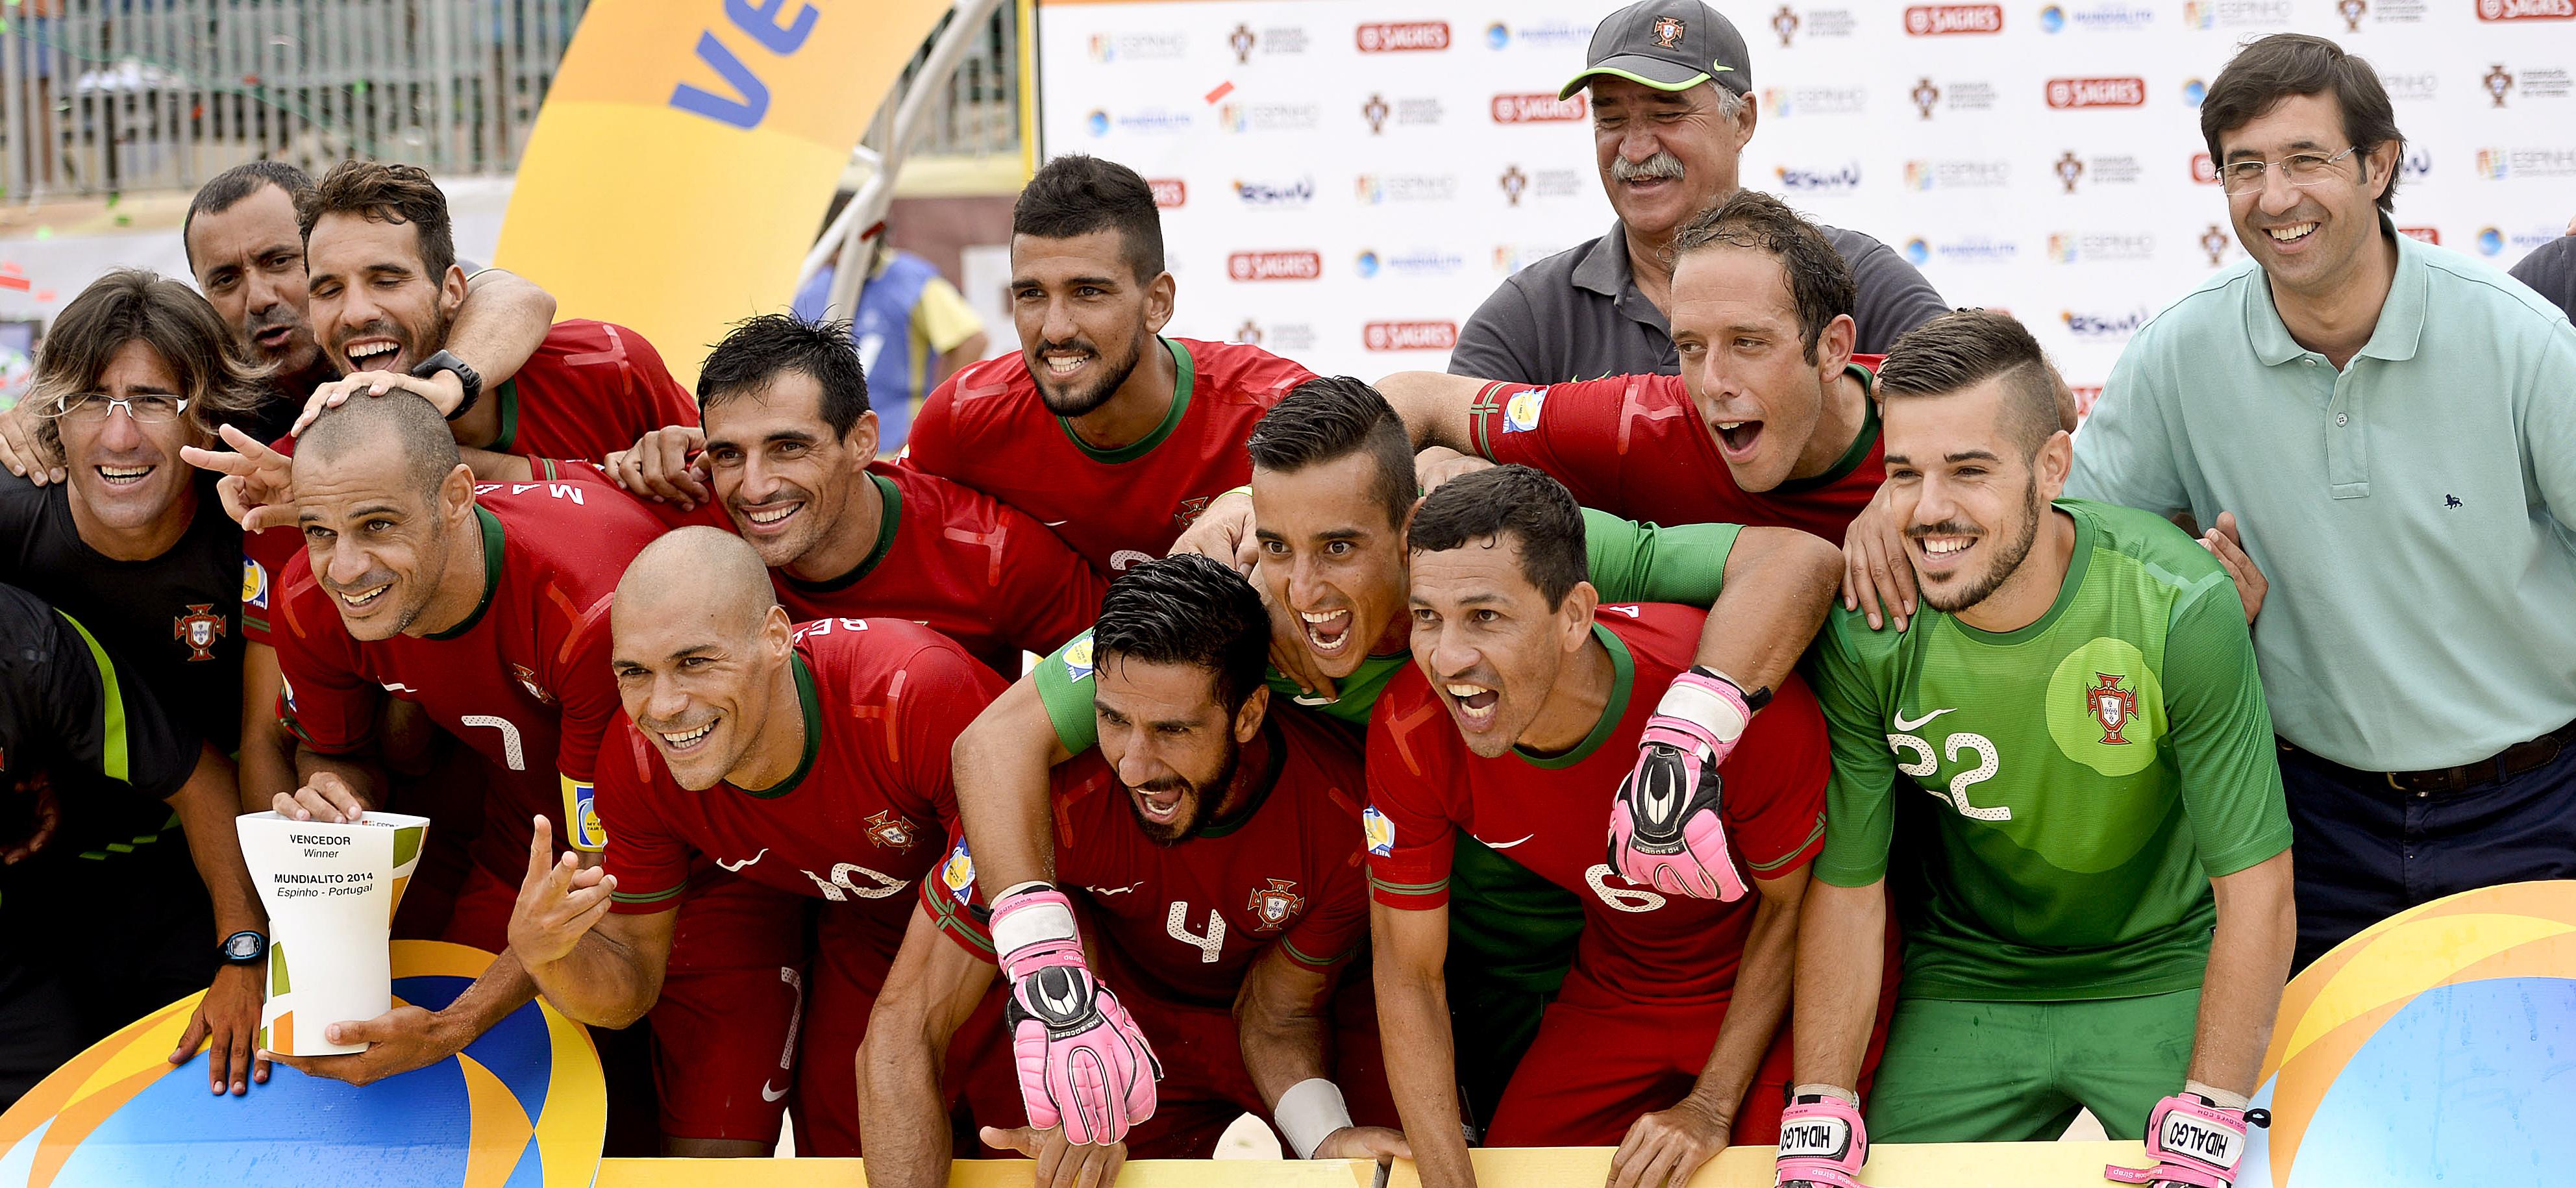 Selecção portuguesa de futebol de praia